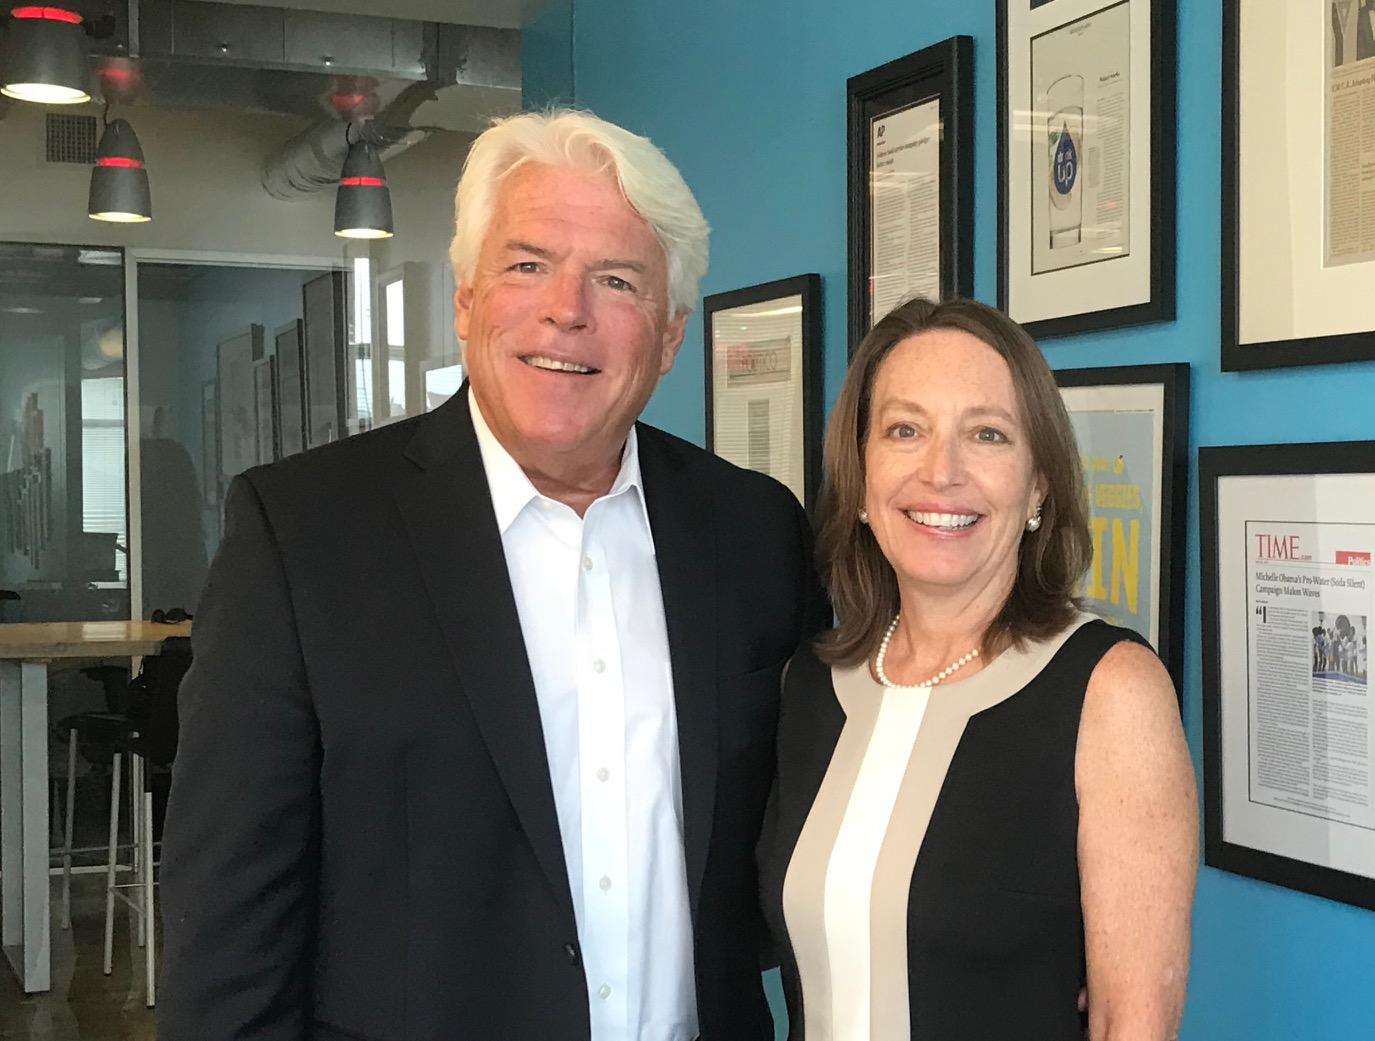 Nancy Roman to Receive JSM Lifetime Achievement Award